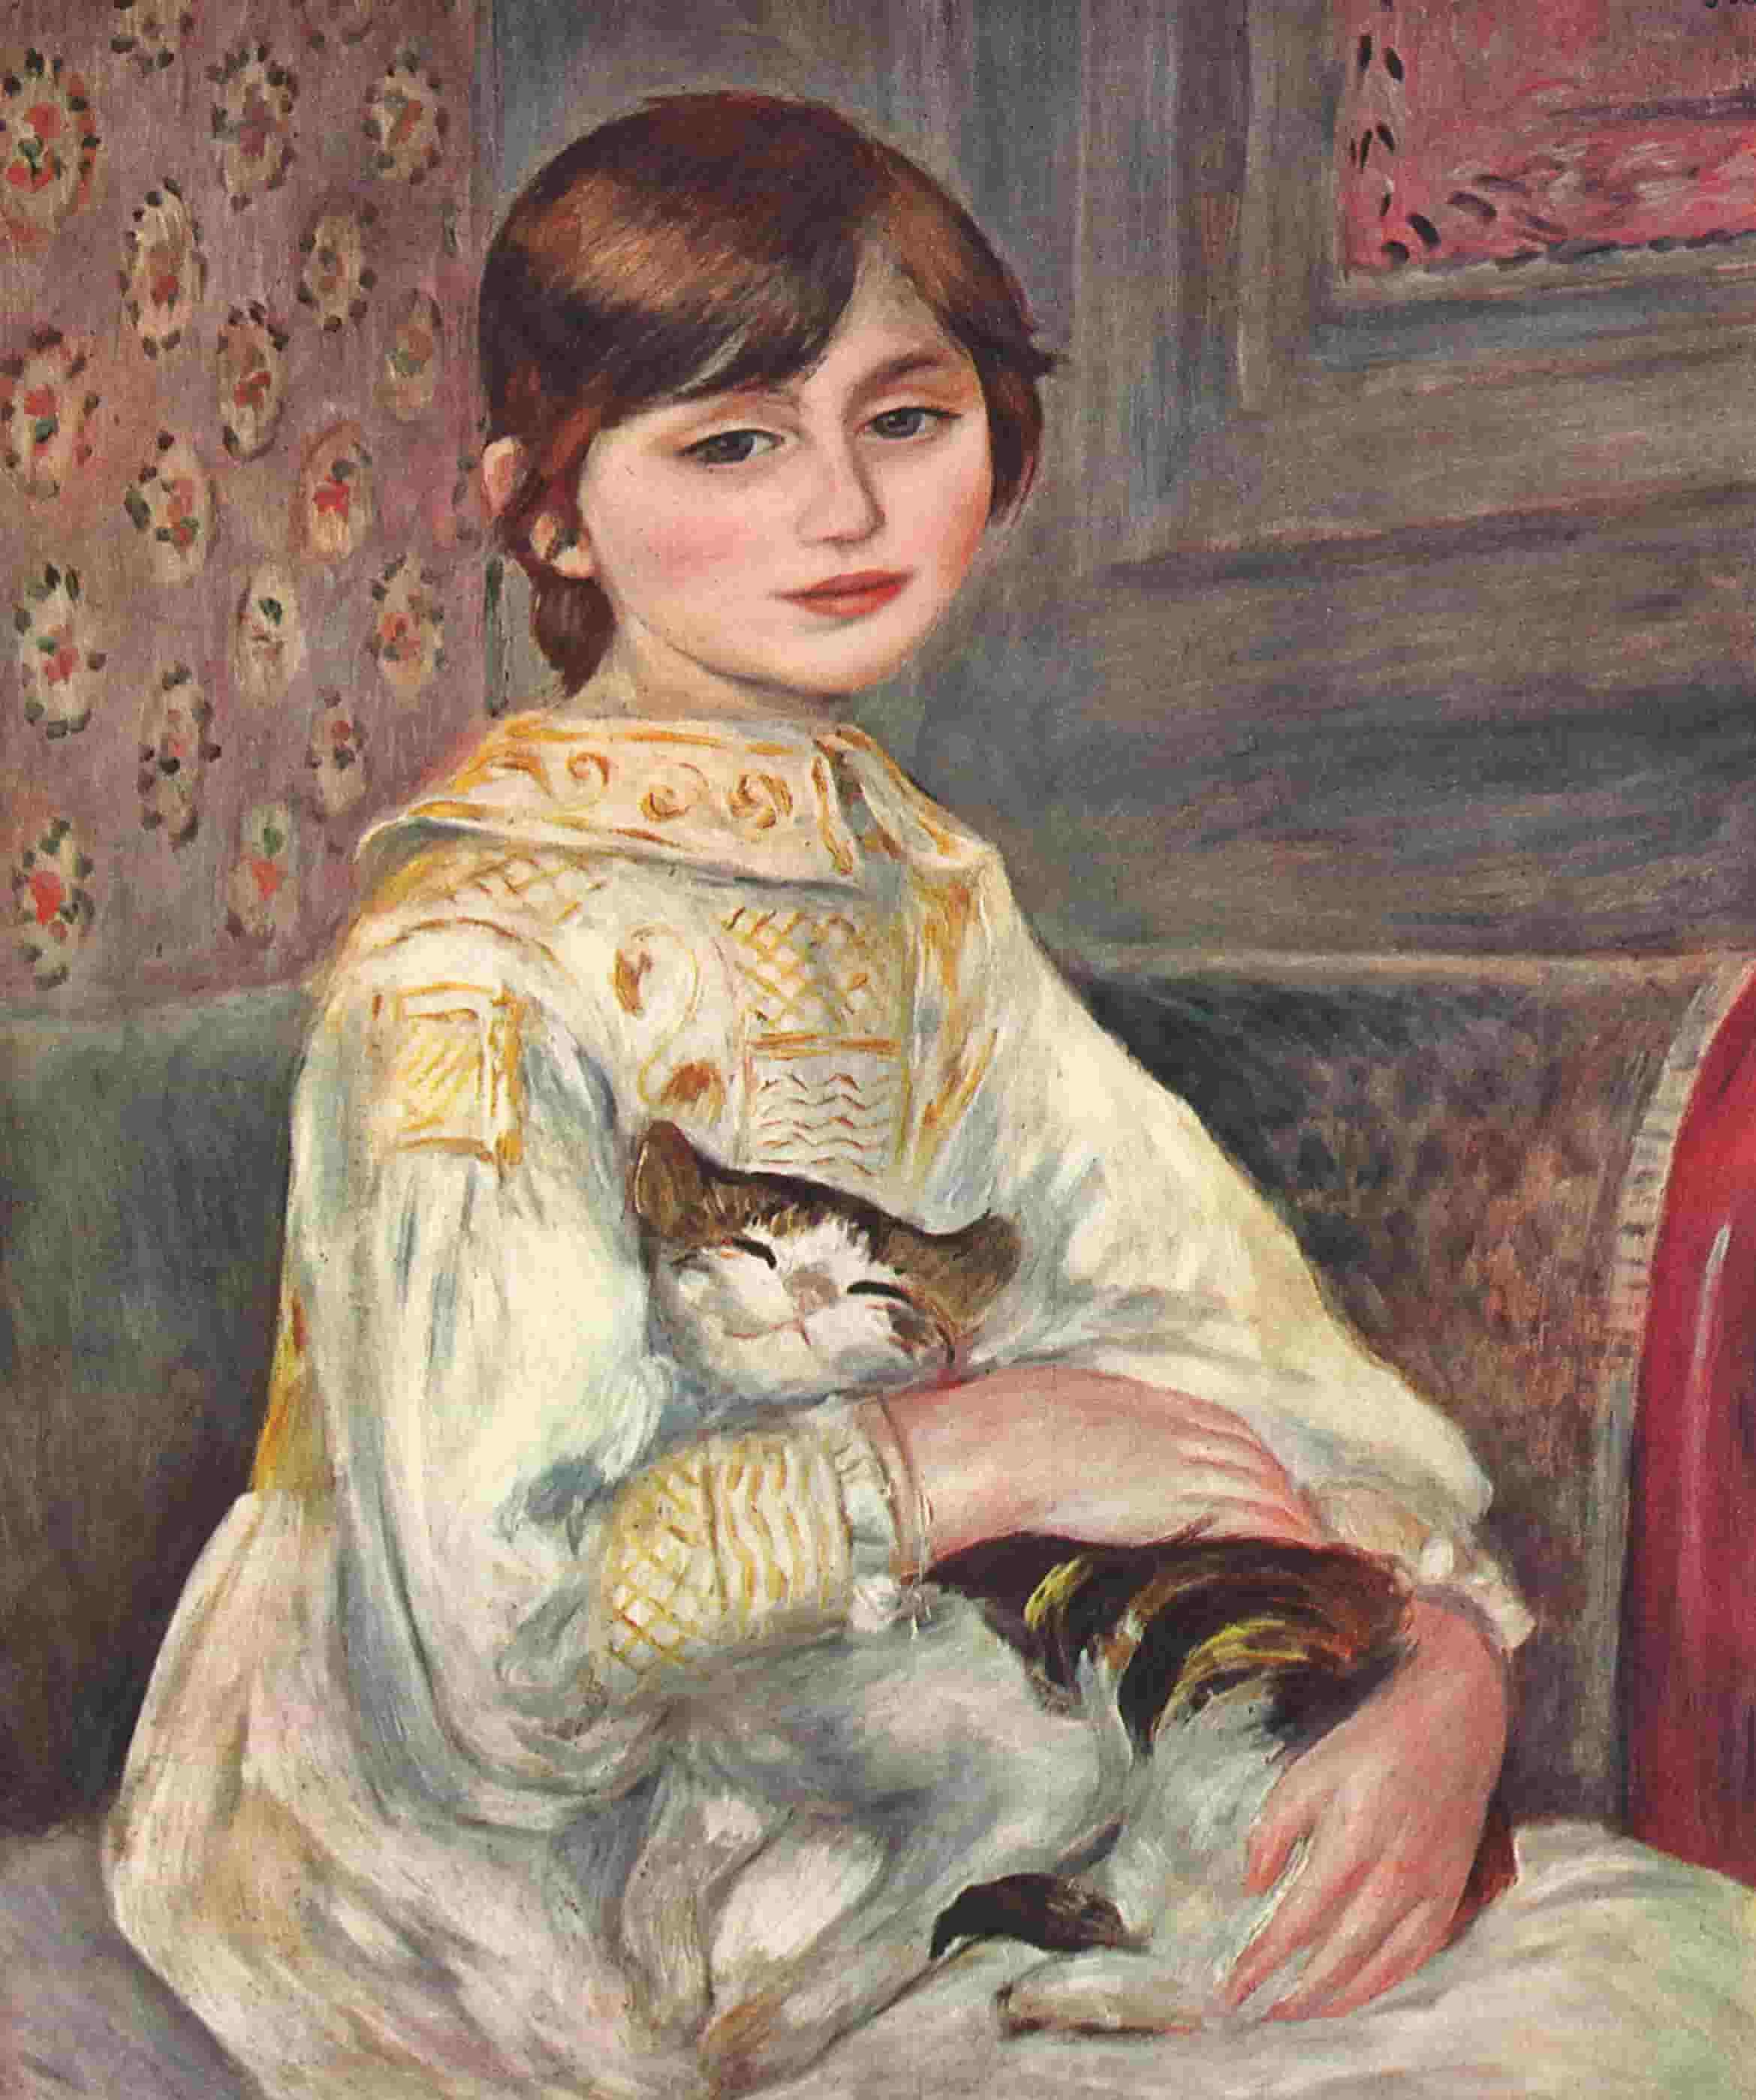 Portrait-der-Mademoiselle-Julie-Manet-mit-Katze-min.jpg